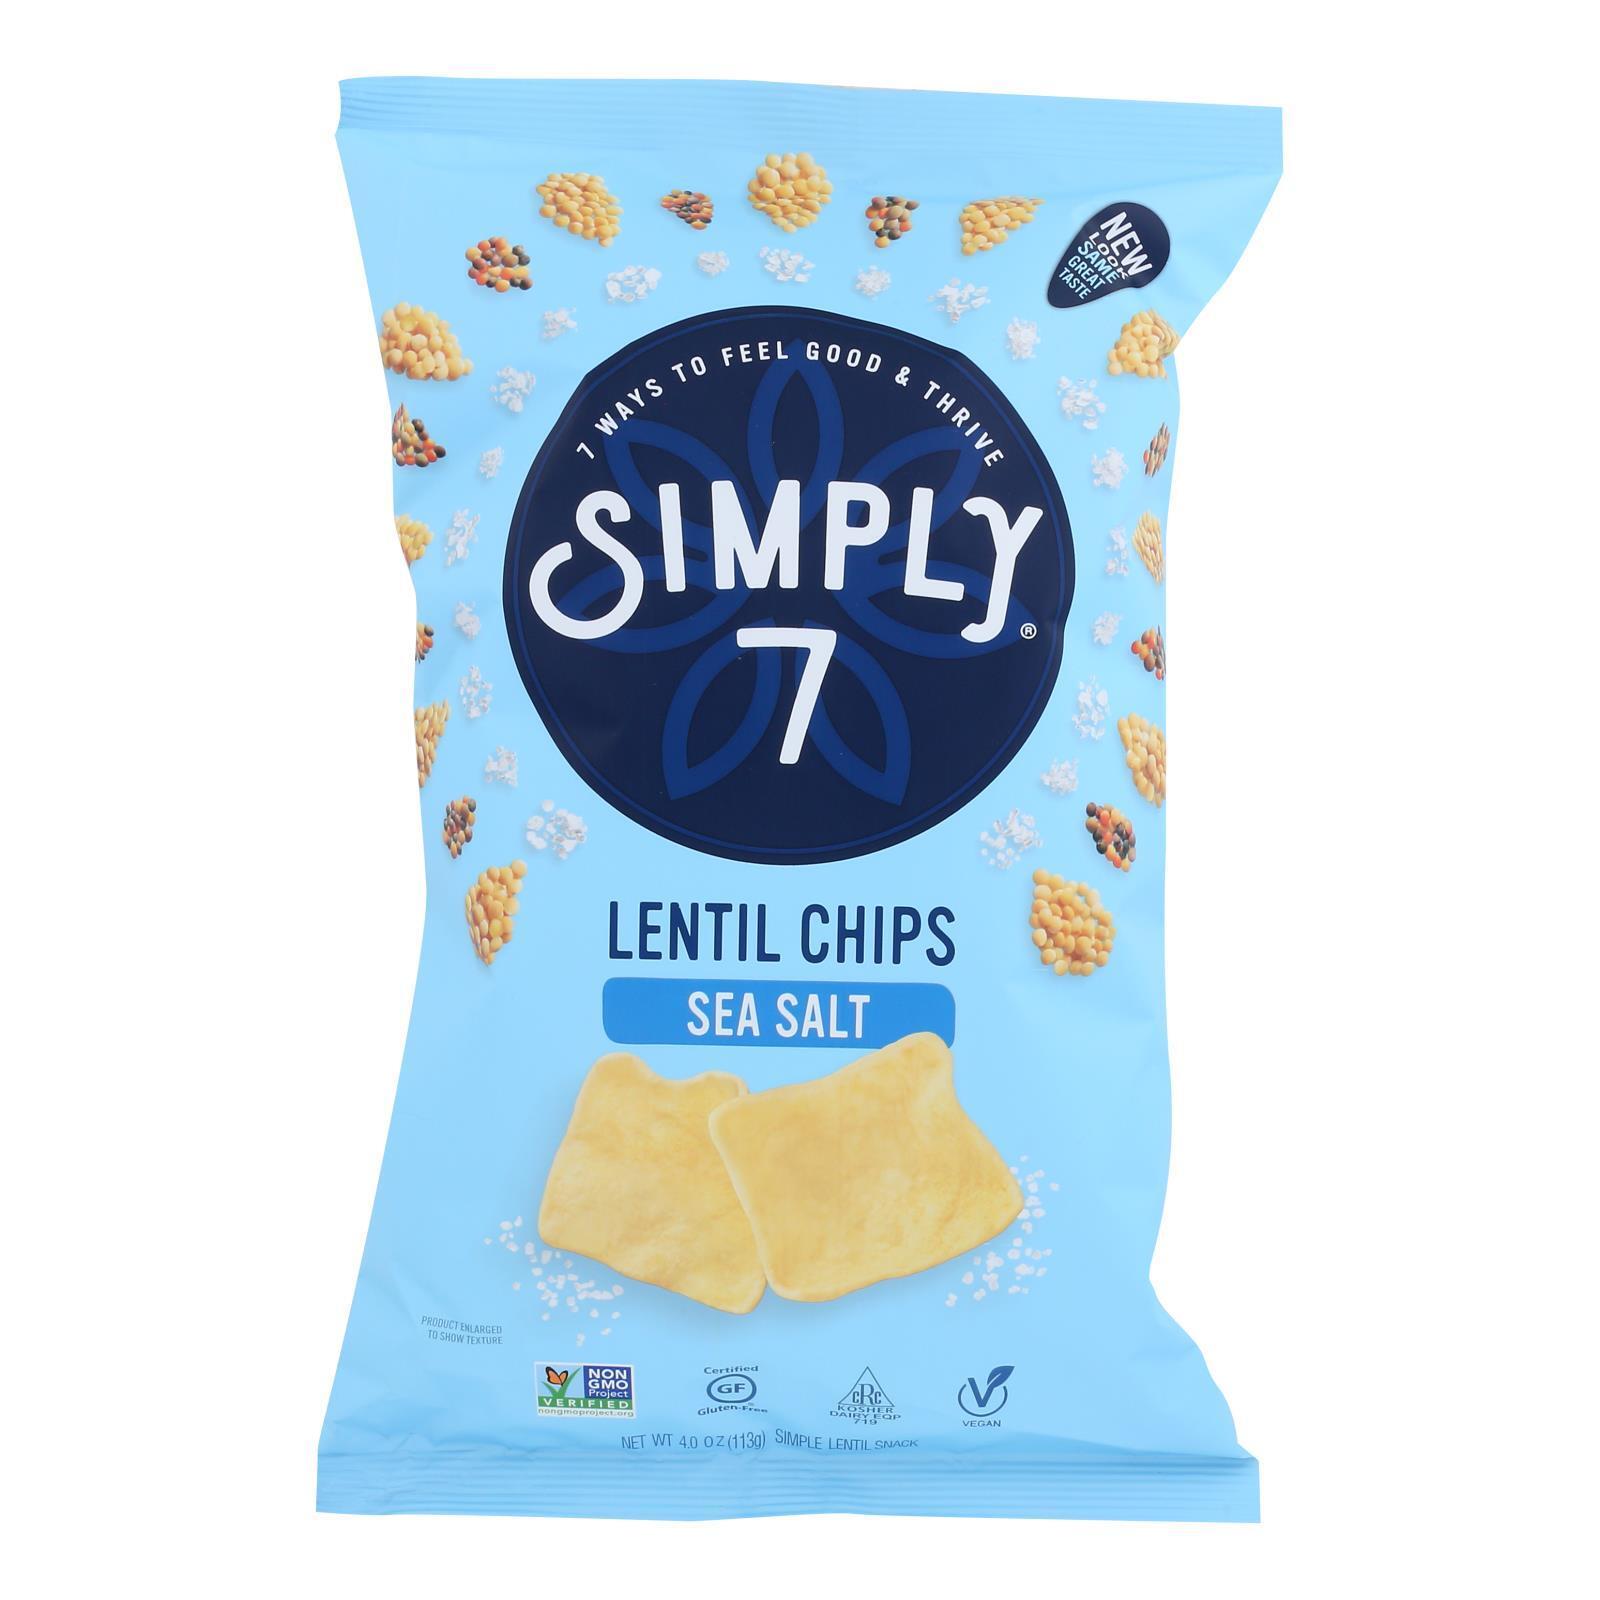 Simply 7 Lentil Chips - Sea Salt - Case of 12 - 4 oz.